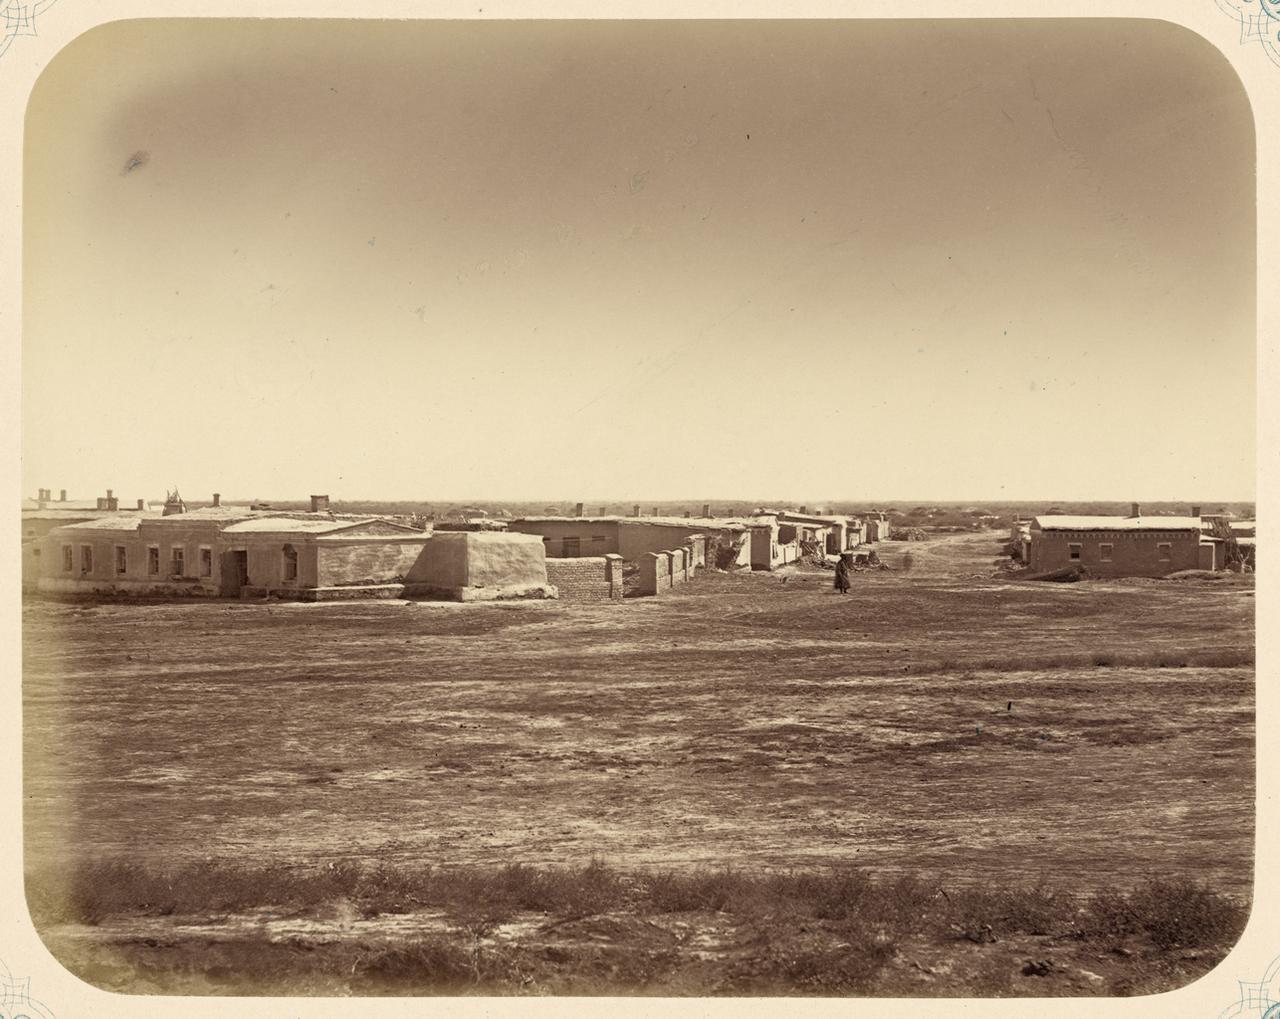 Сырдарьинская область.  Город Перовск.  Восточная часть города, вид с фортификации WDL10936.png